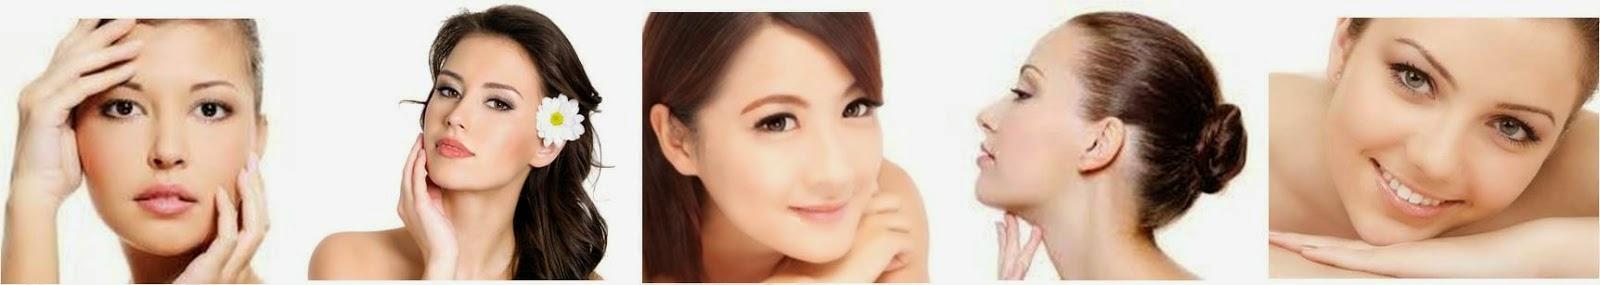 moreskin-produk-kecantikan-nasa-pemutih-wajah-alami